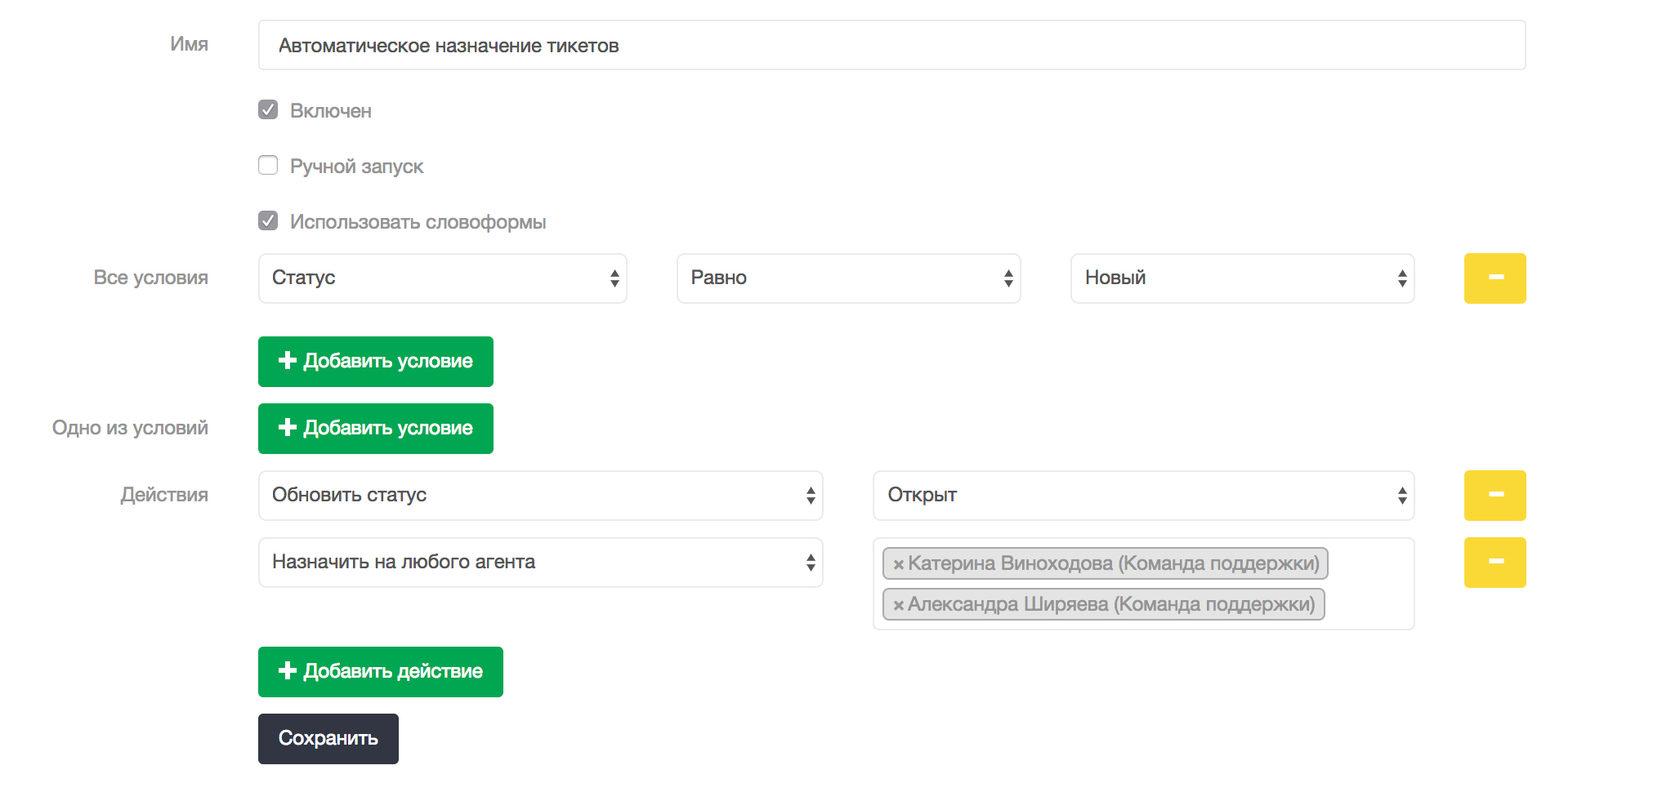 Автоназначение тикетов в helpdesk